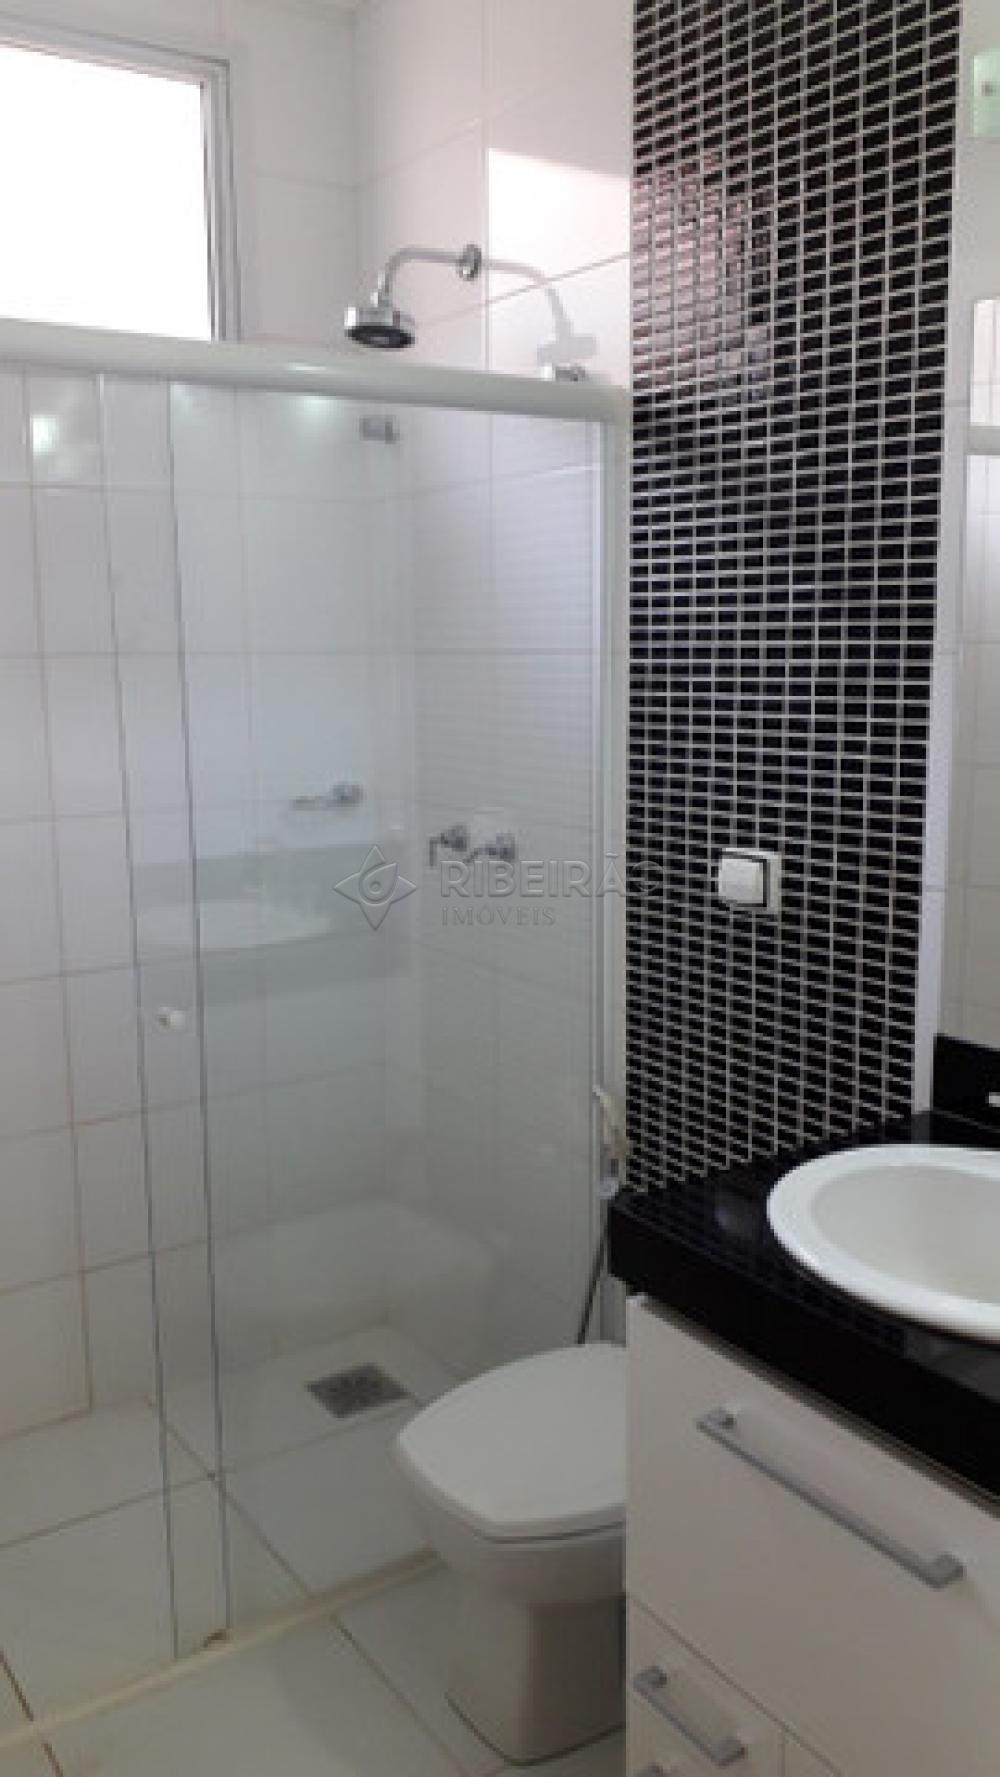 Comprar Casa / Padrão em Ribeirão Preto apenas R$ 670.000,00 - Foto 14